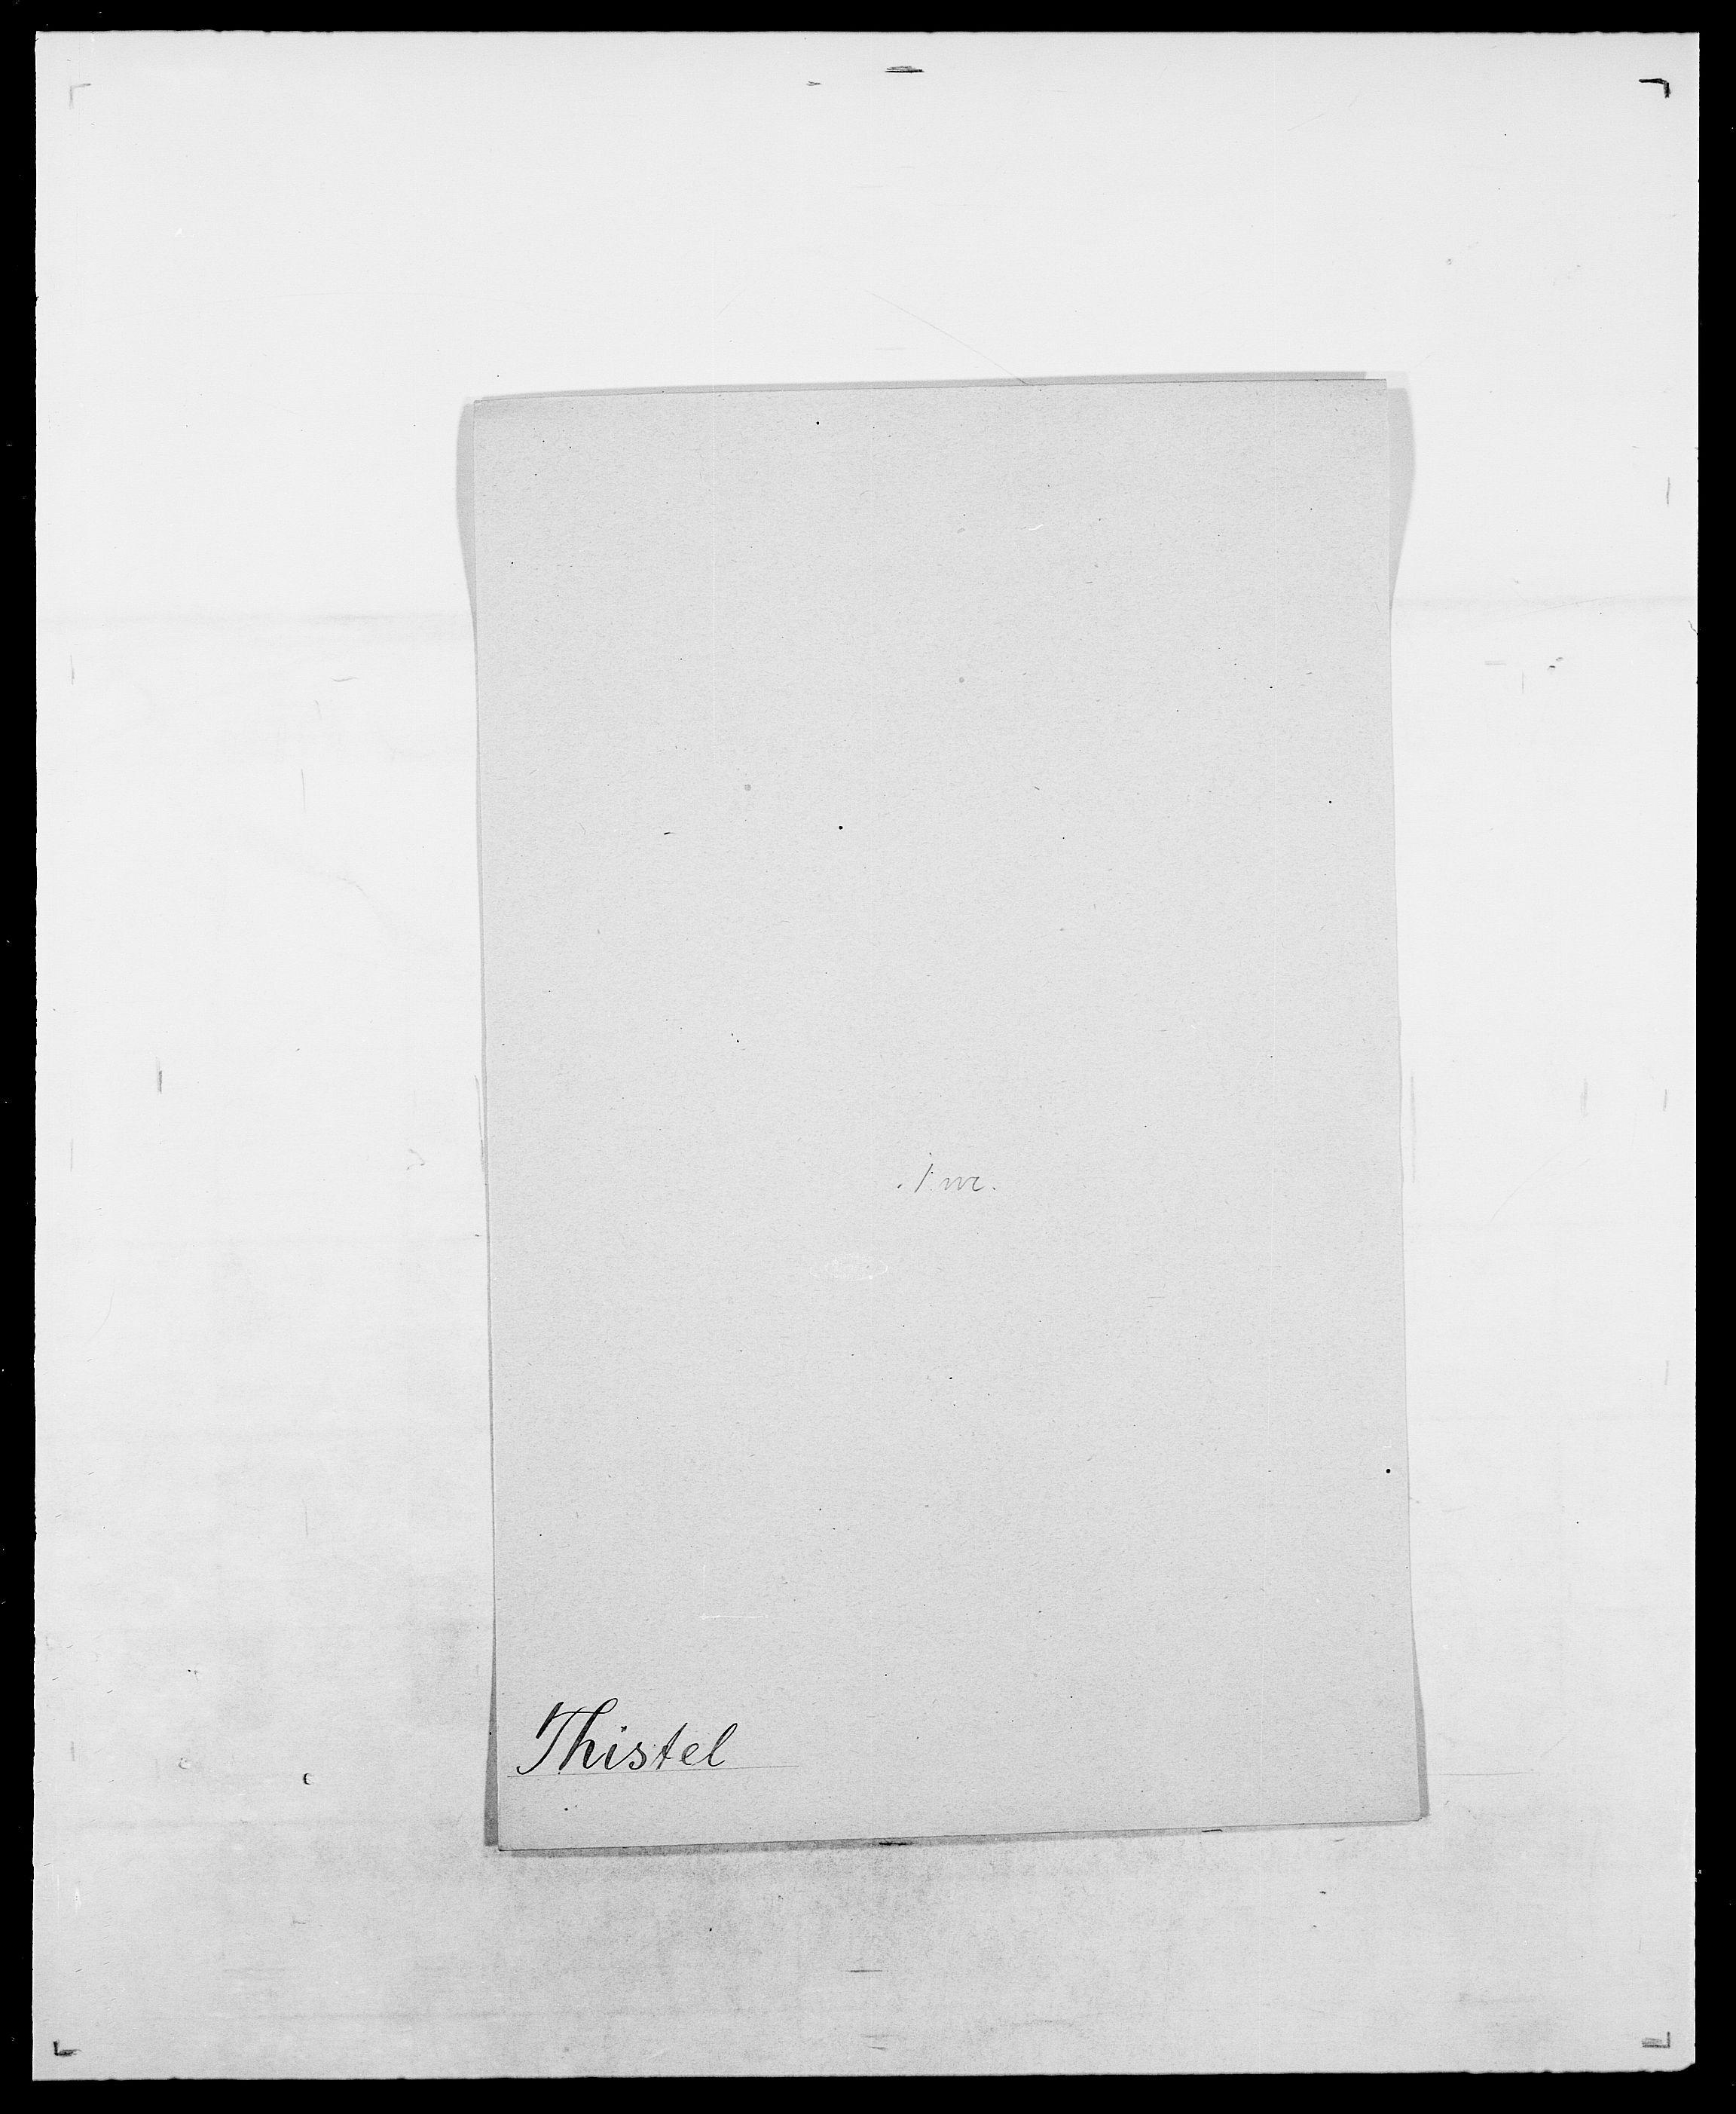 SAO, Delgobe, Charles Antoine - samling, D/Da/L0038: Svanenskjold - Thornsohn, s. 737